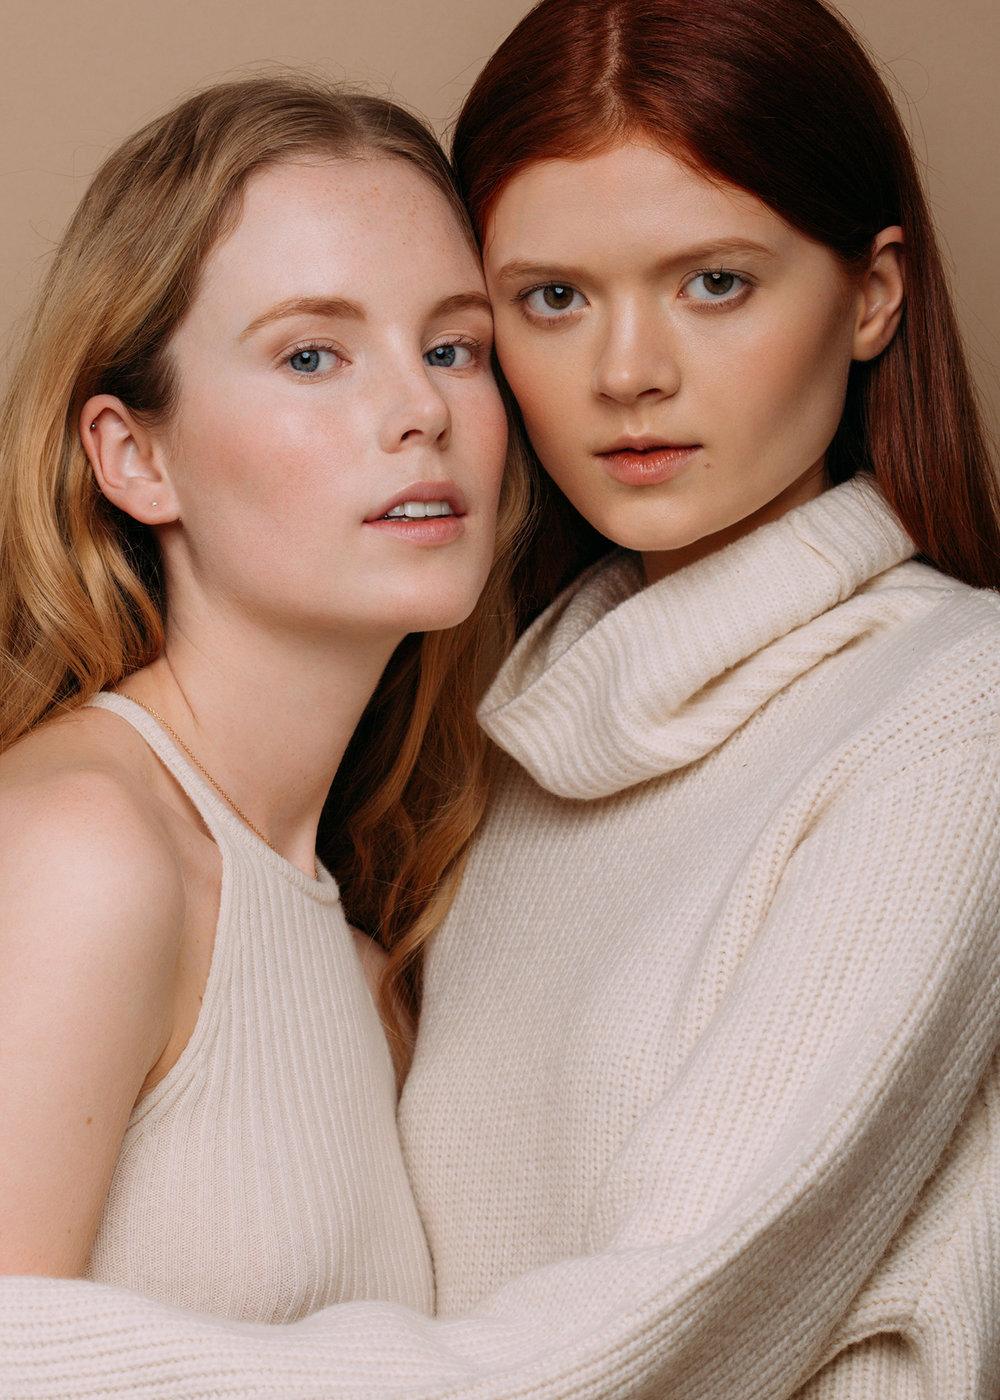 moda-retrato-gosee-barcelon-leandro-crespi-agencia-modelo.jpg